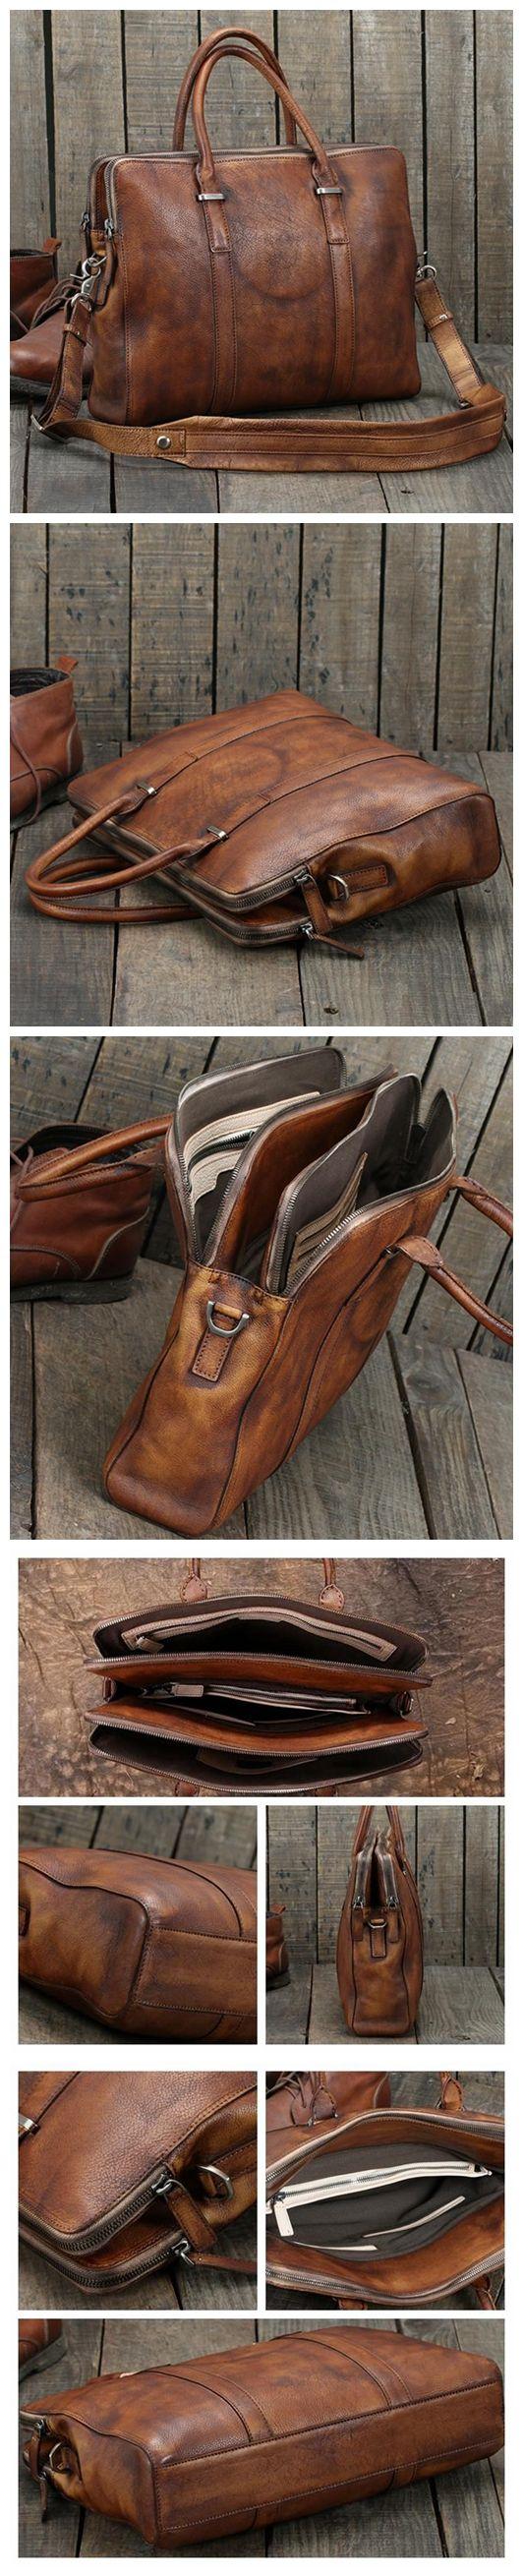 Handmade Vintage Brown Leather Briefcase Men's Business Bag Handbag Fashion Laptop Bag 14119